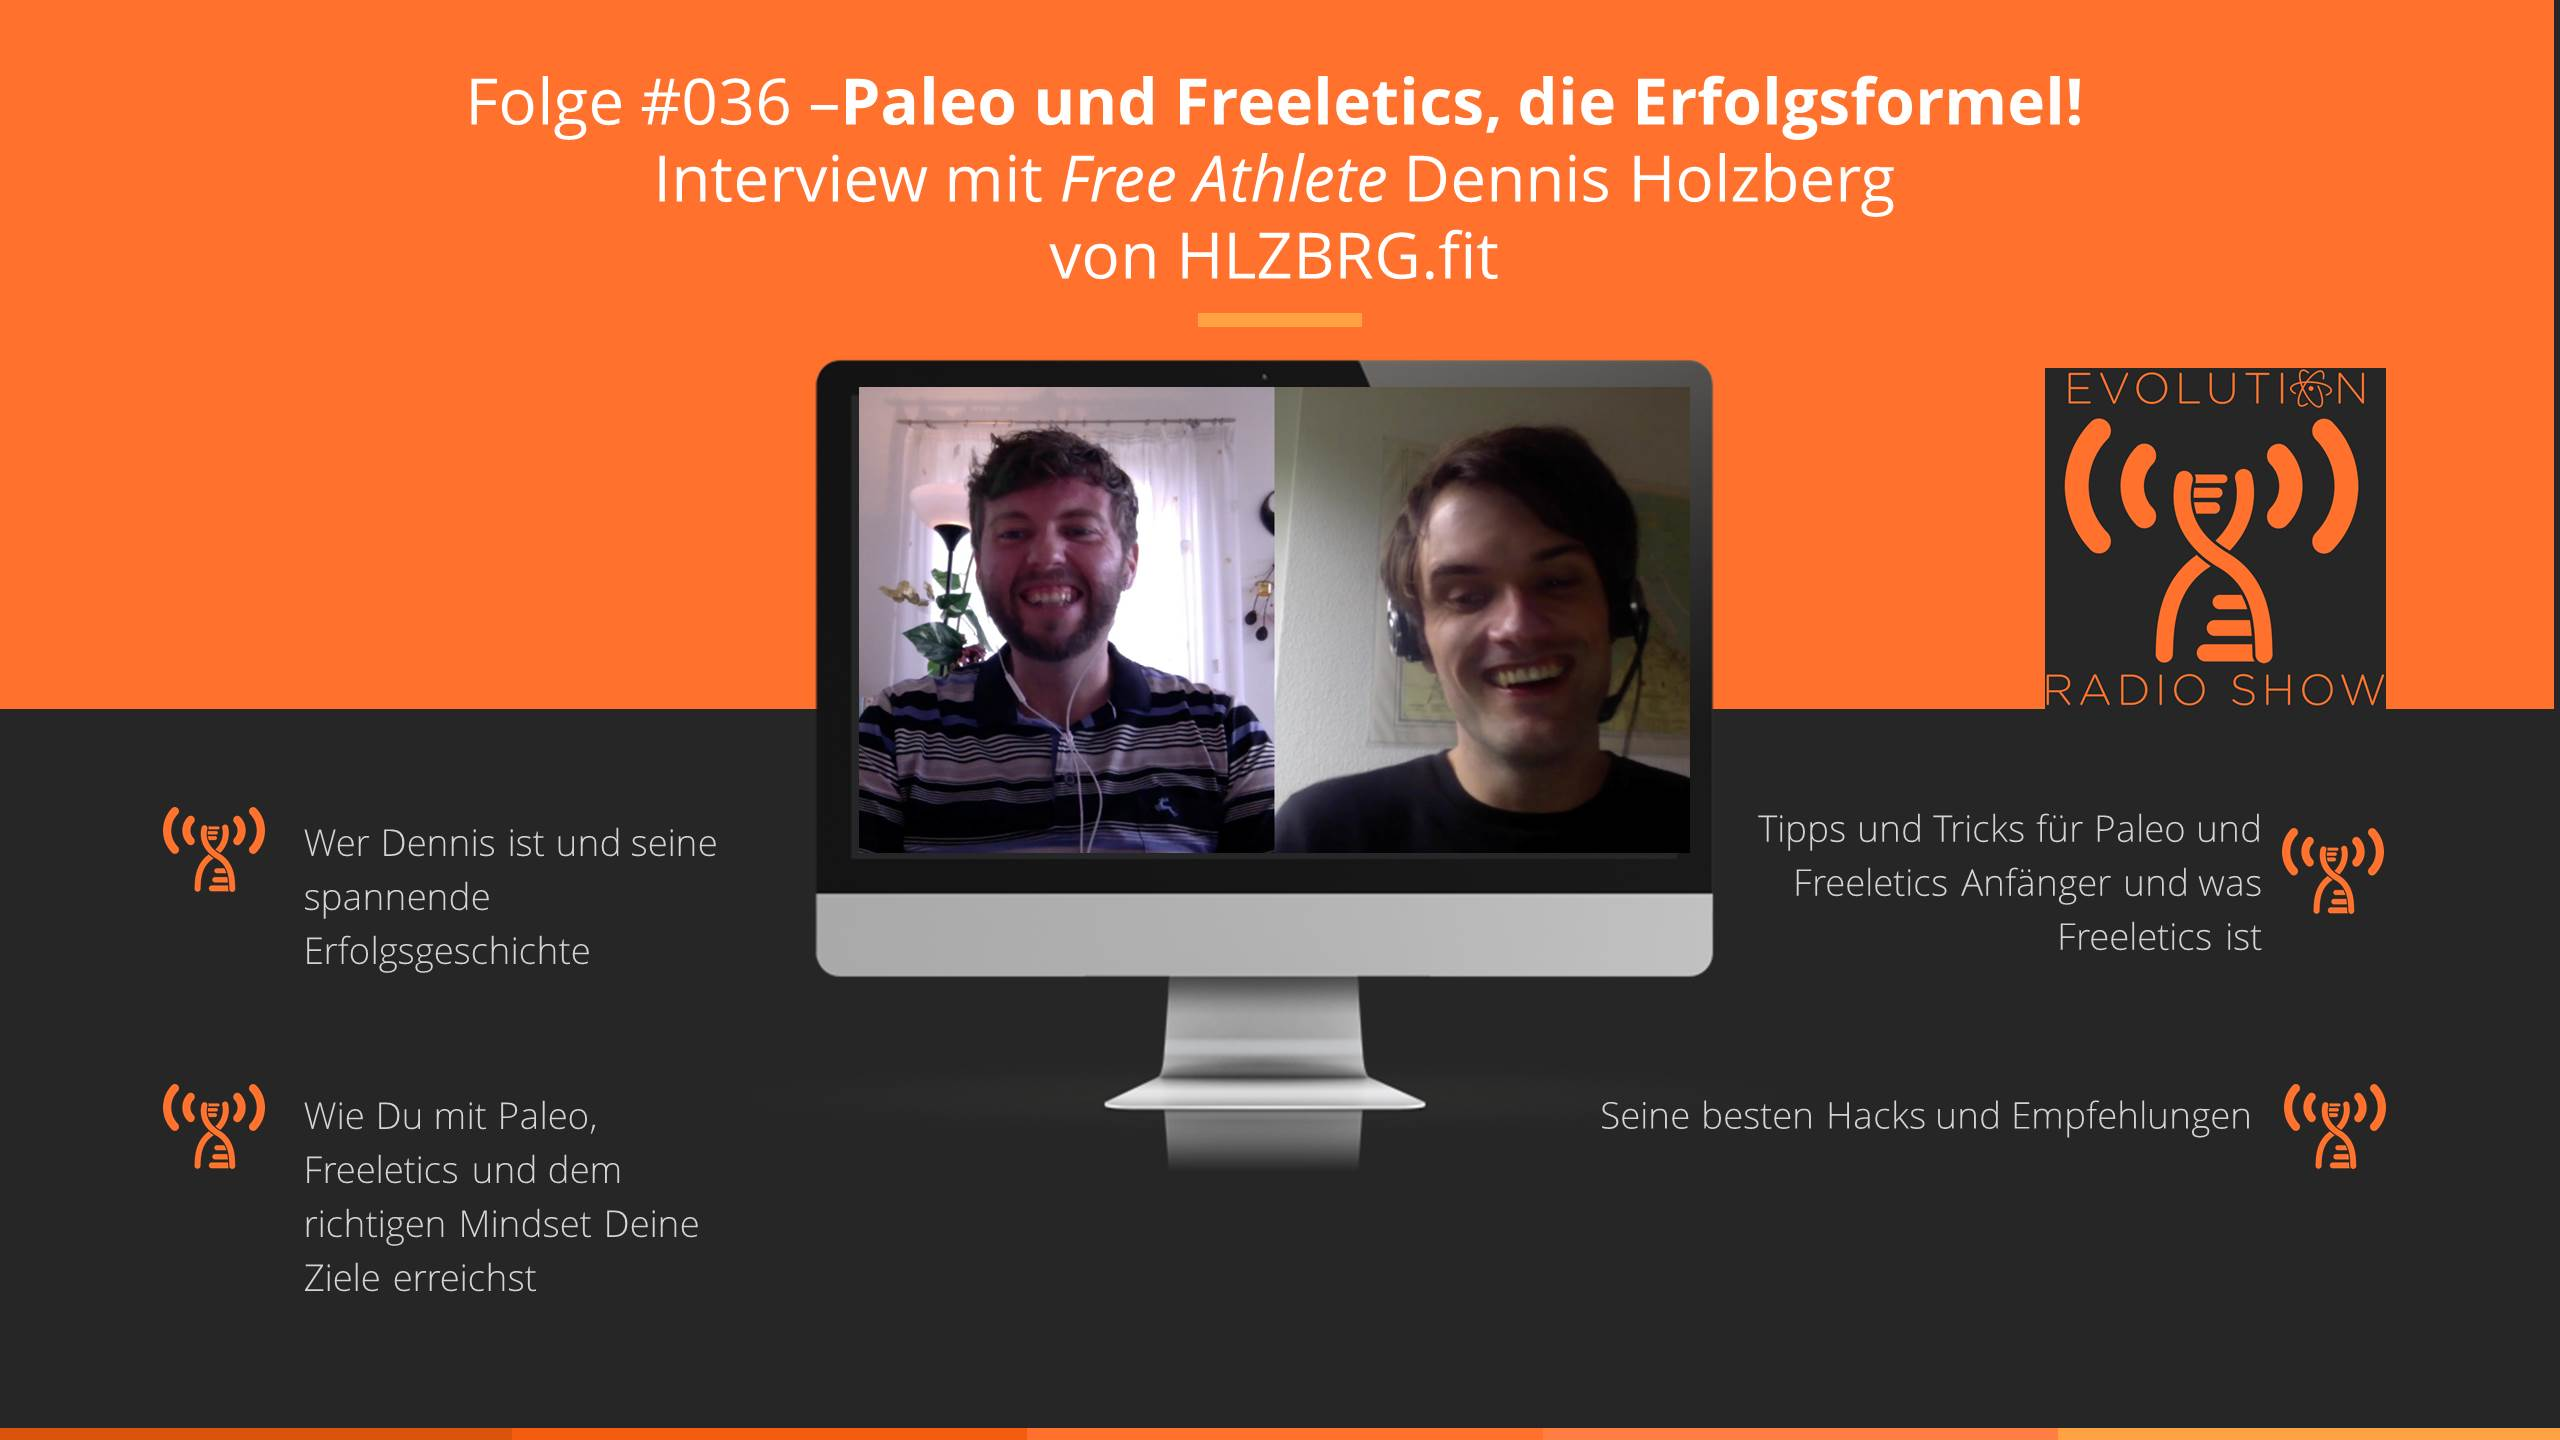 Evolution Radio Show Folge #036: Paleo und Freeletics, die Erfolgsformel!Interview mit Free Athelete Dennis Holzberg